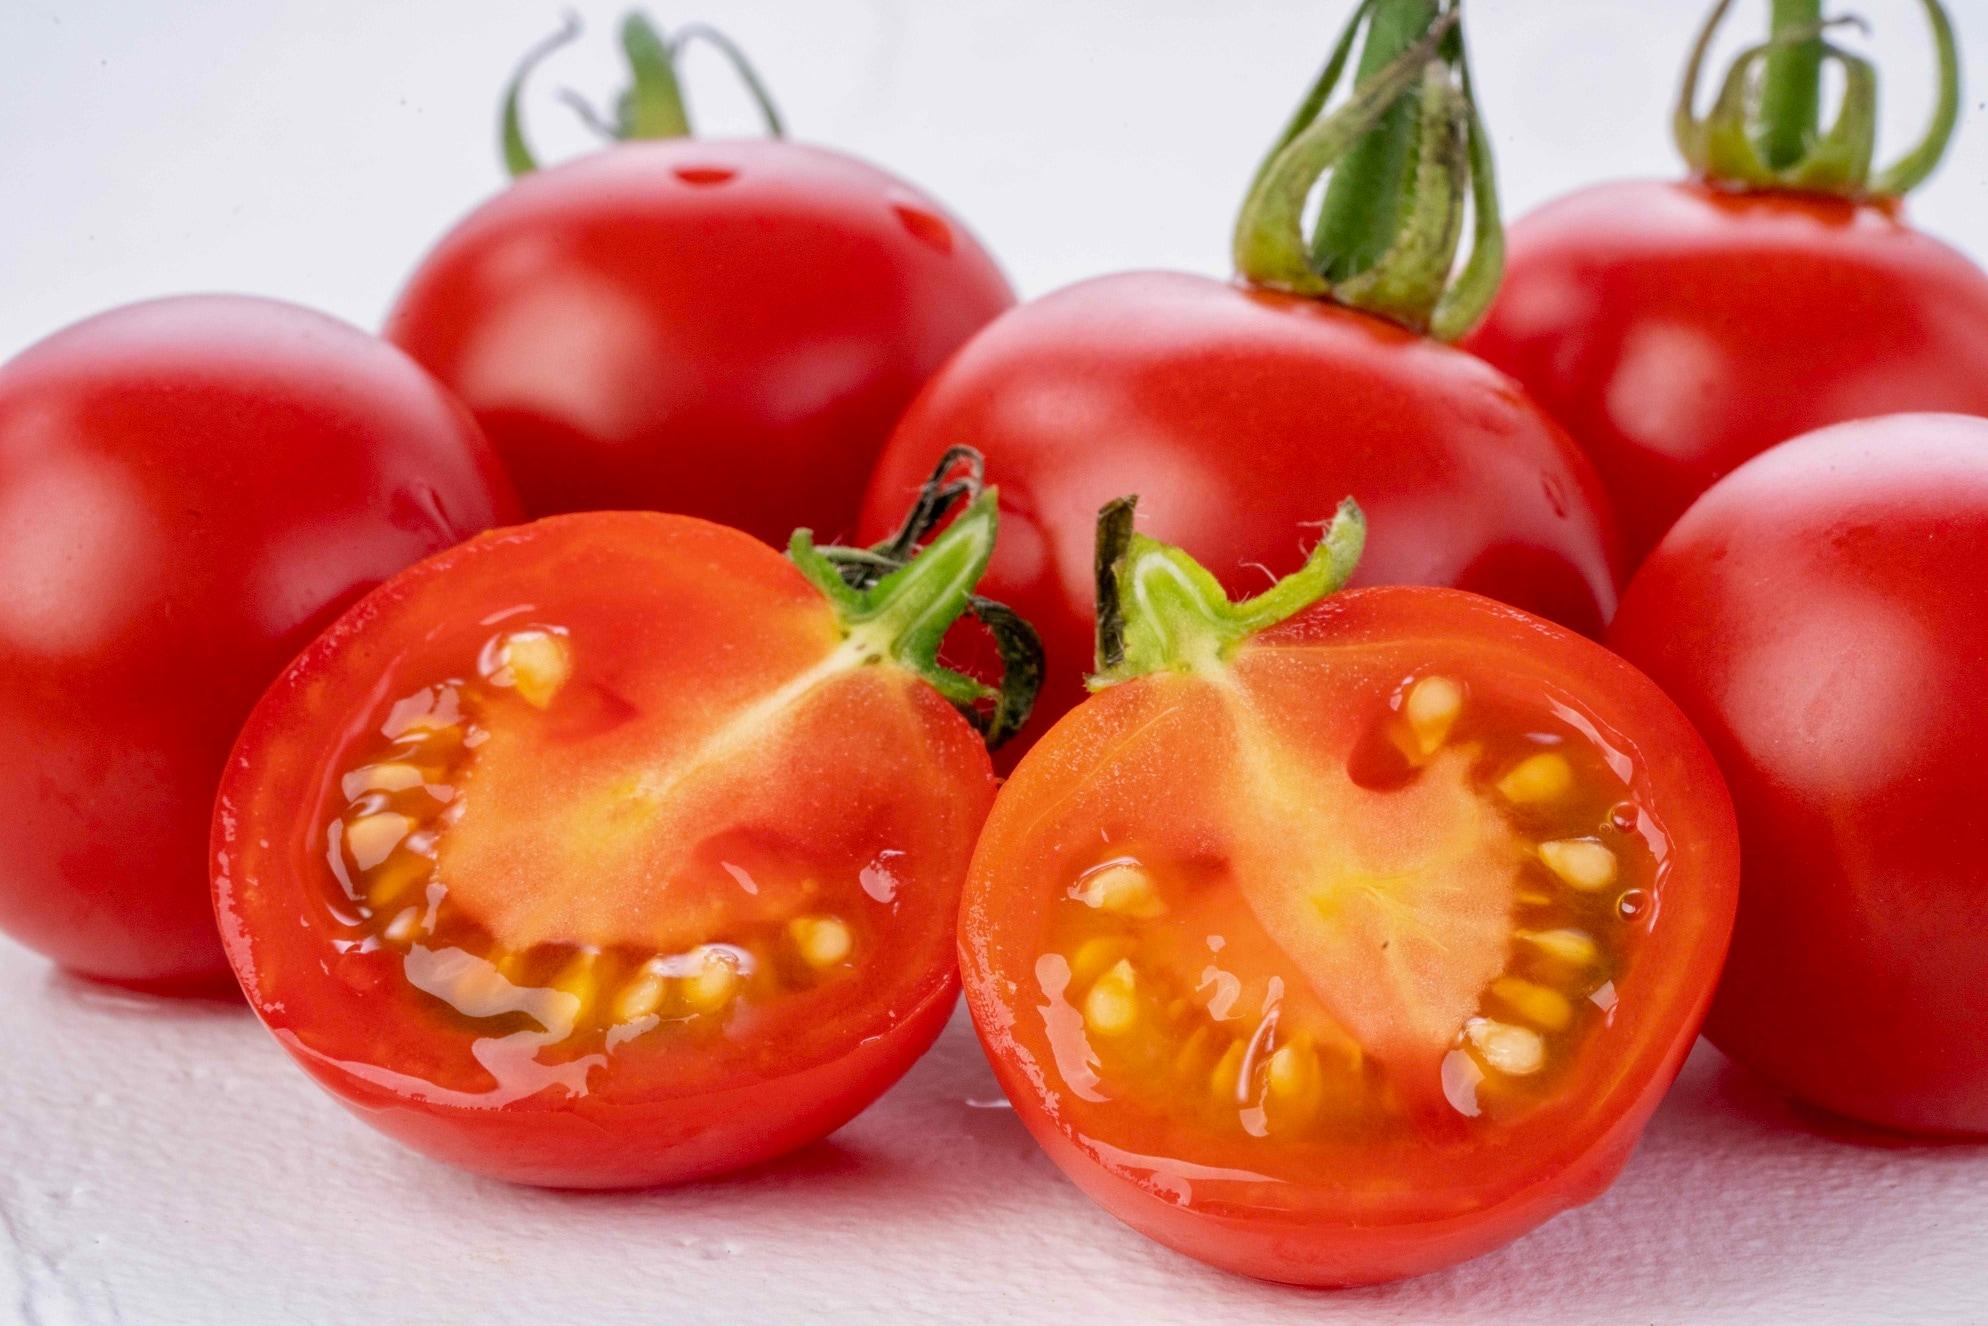 北海道蘭越町rural farmのミニトマト「ほれまる」、半分にカットして断面が見えるミニトマト